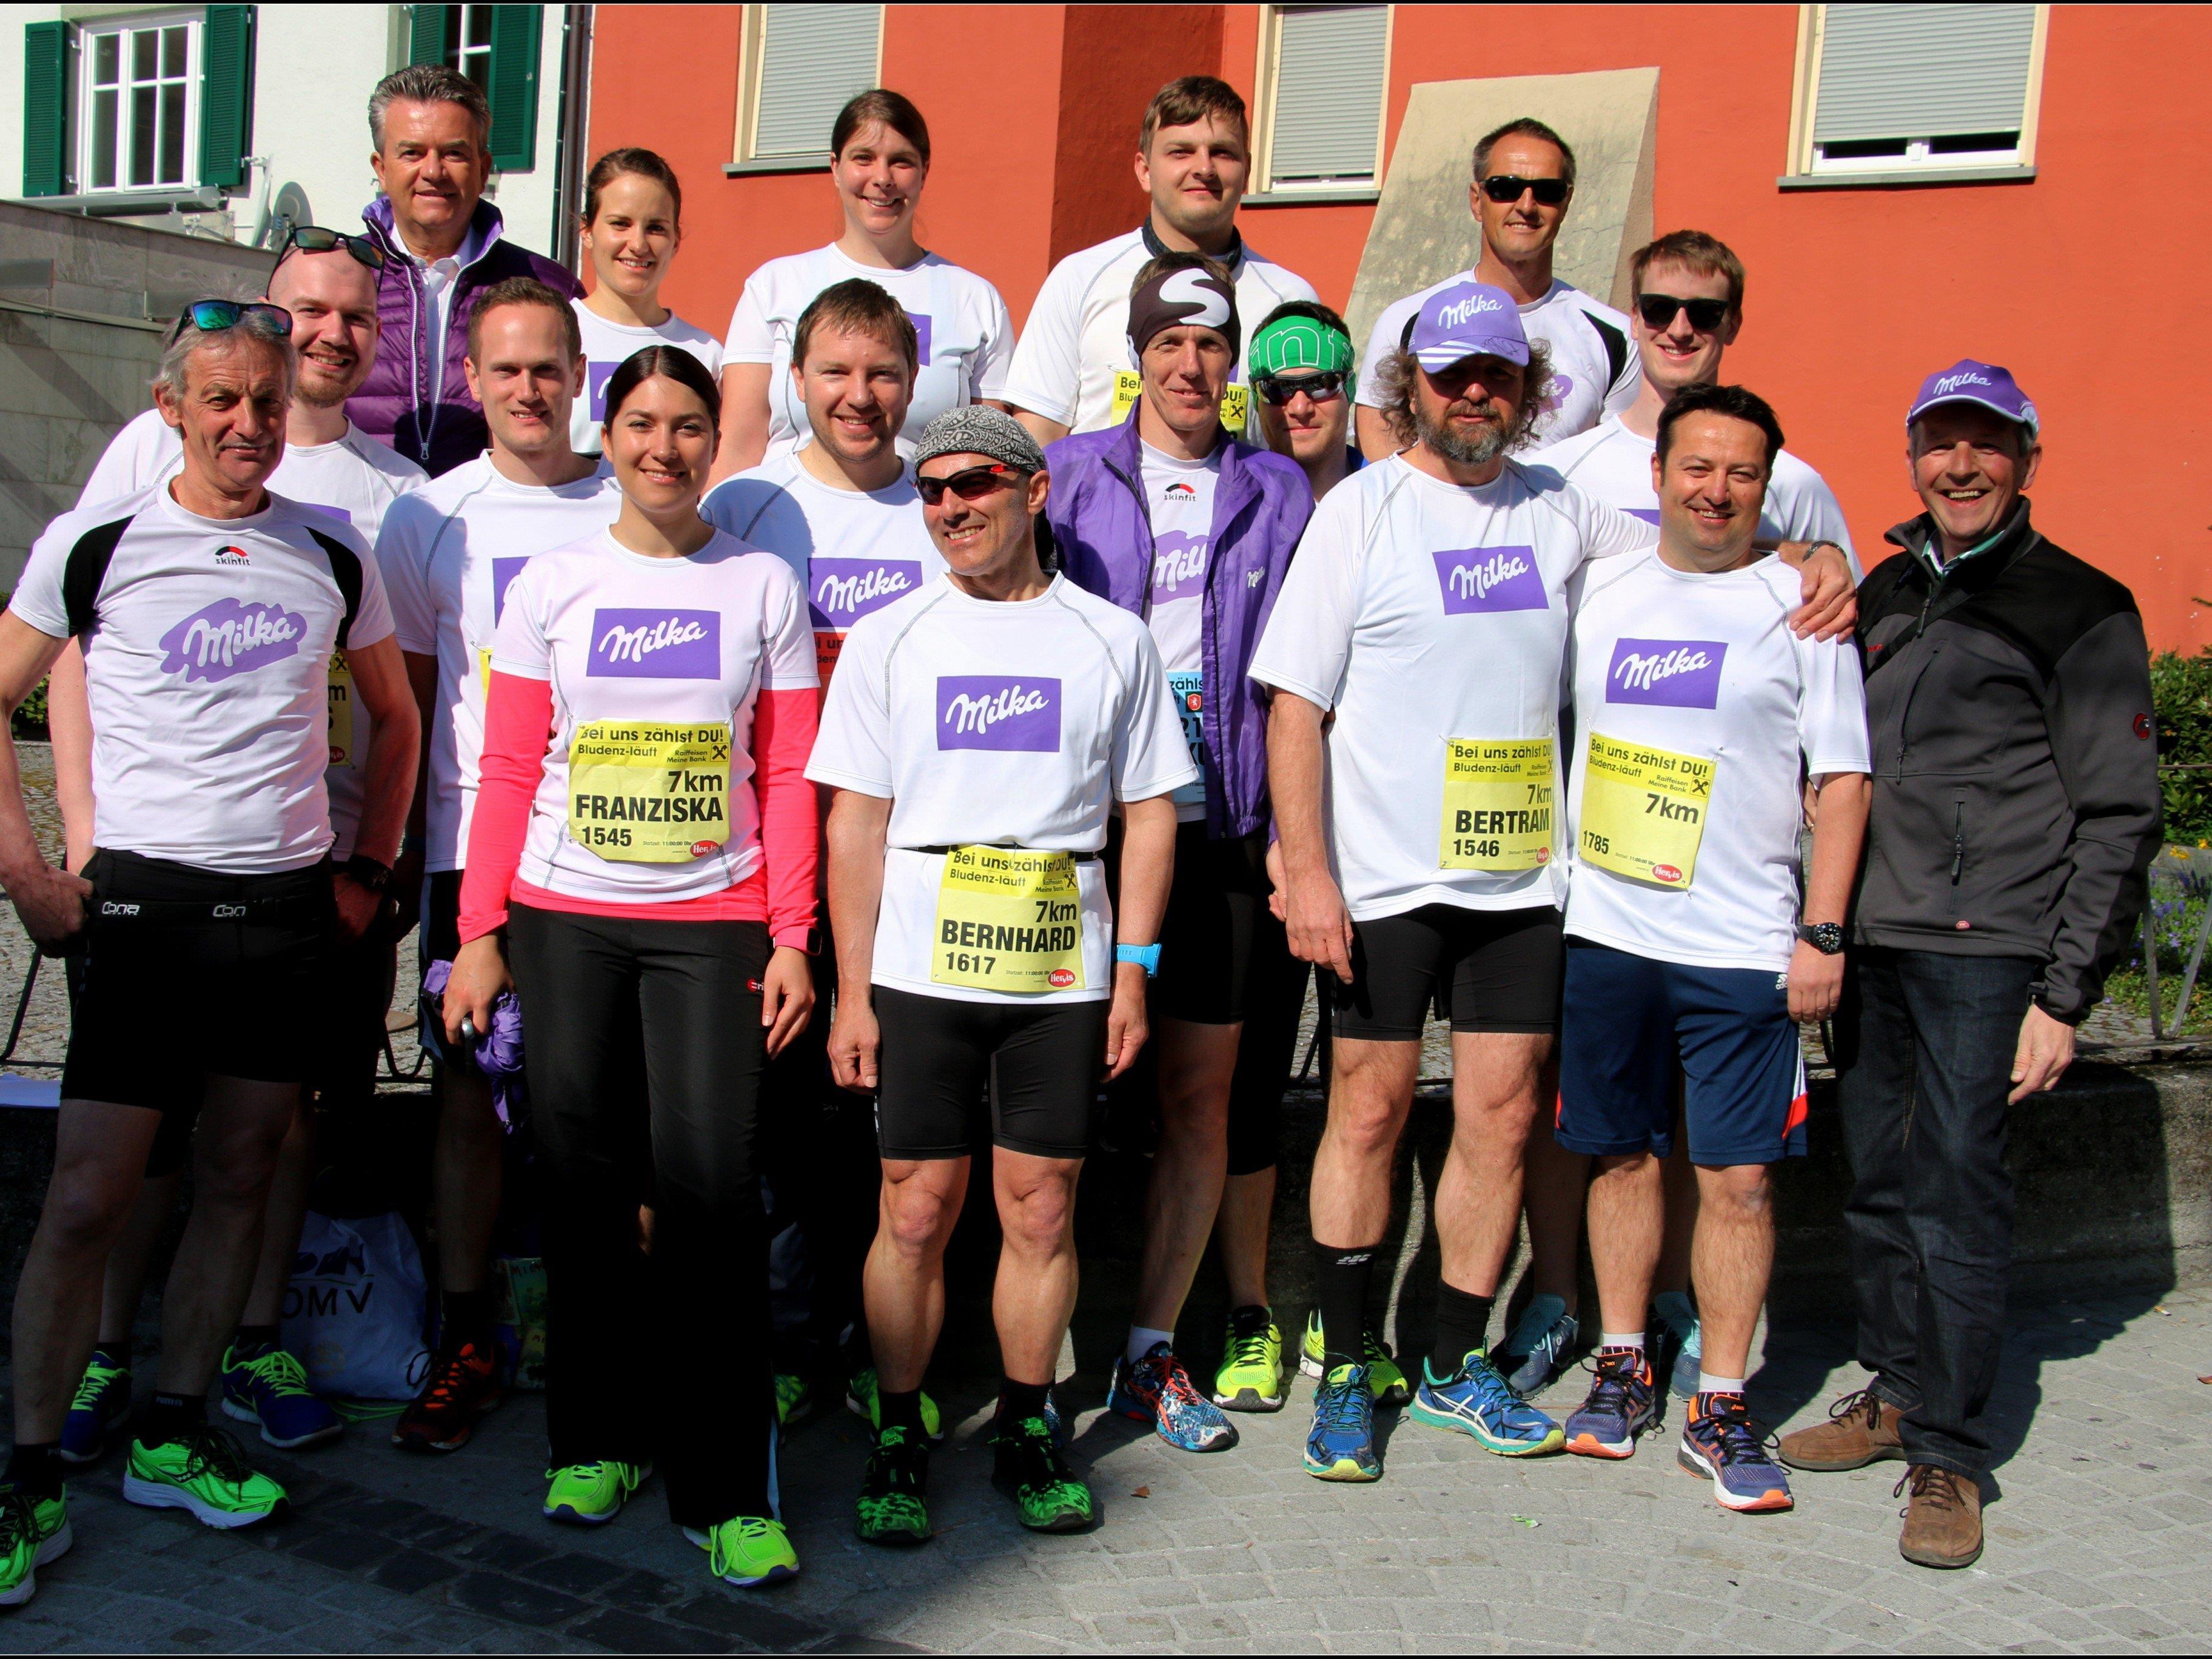 Die Läufer der Laufgruppe Milka bei Bludenz läuft.